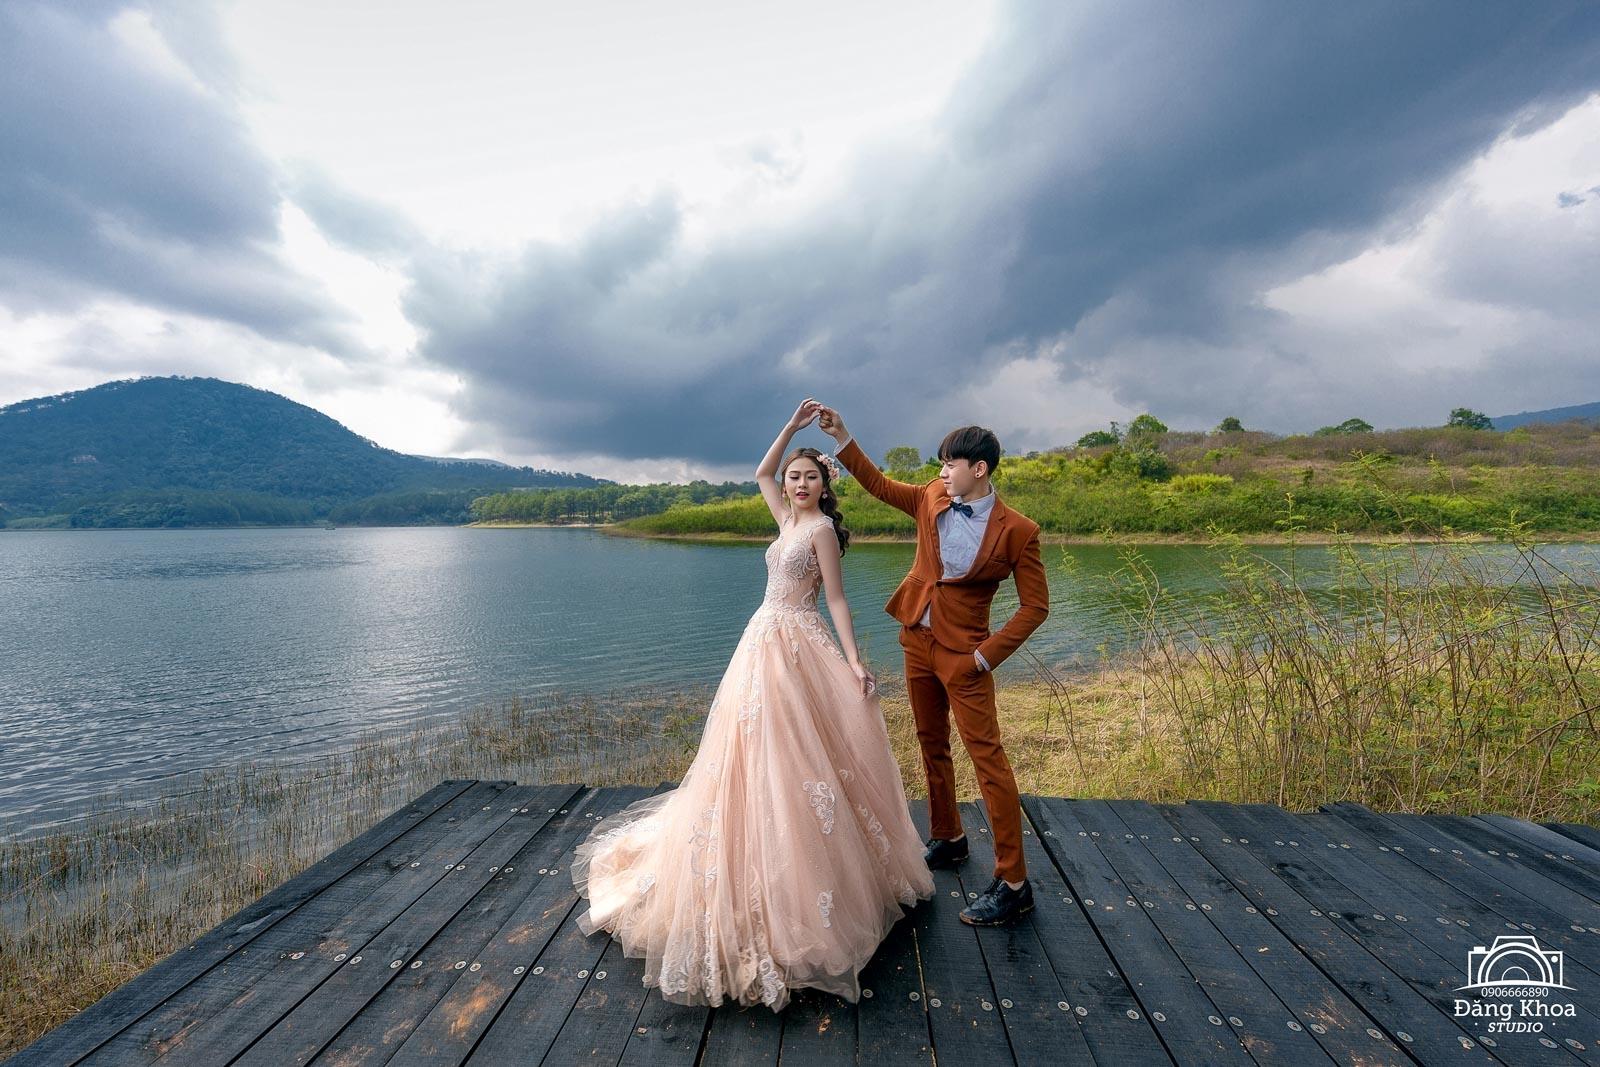 Hồ tuyền lâm - địa điểm đẹp chụp hình cưới tại Đà Lạt